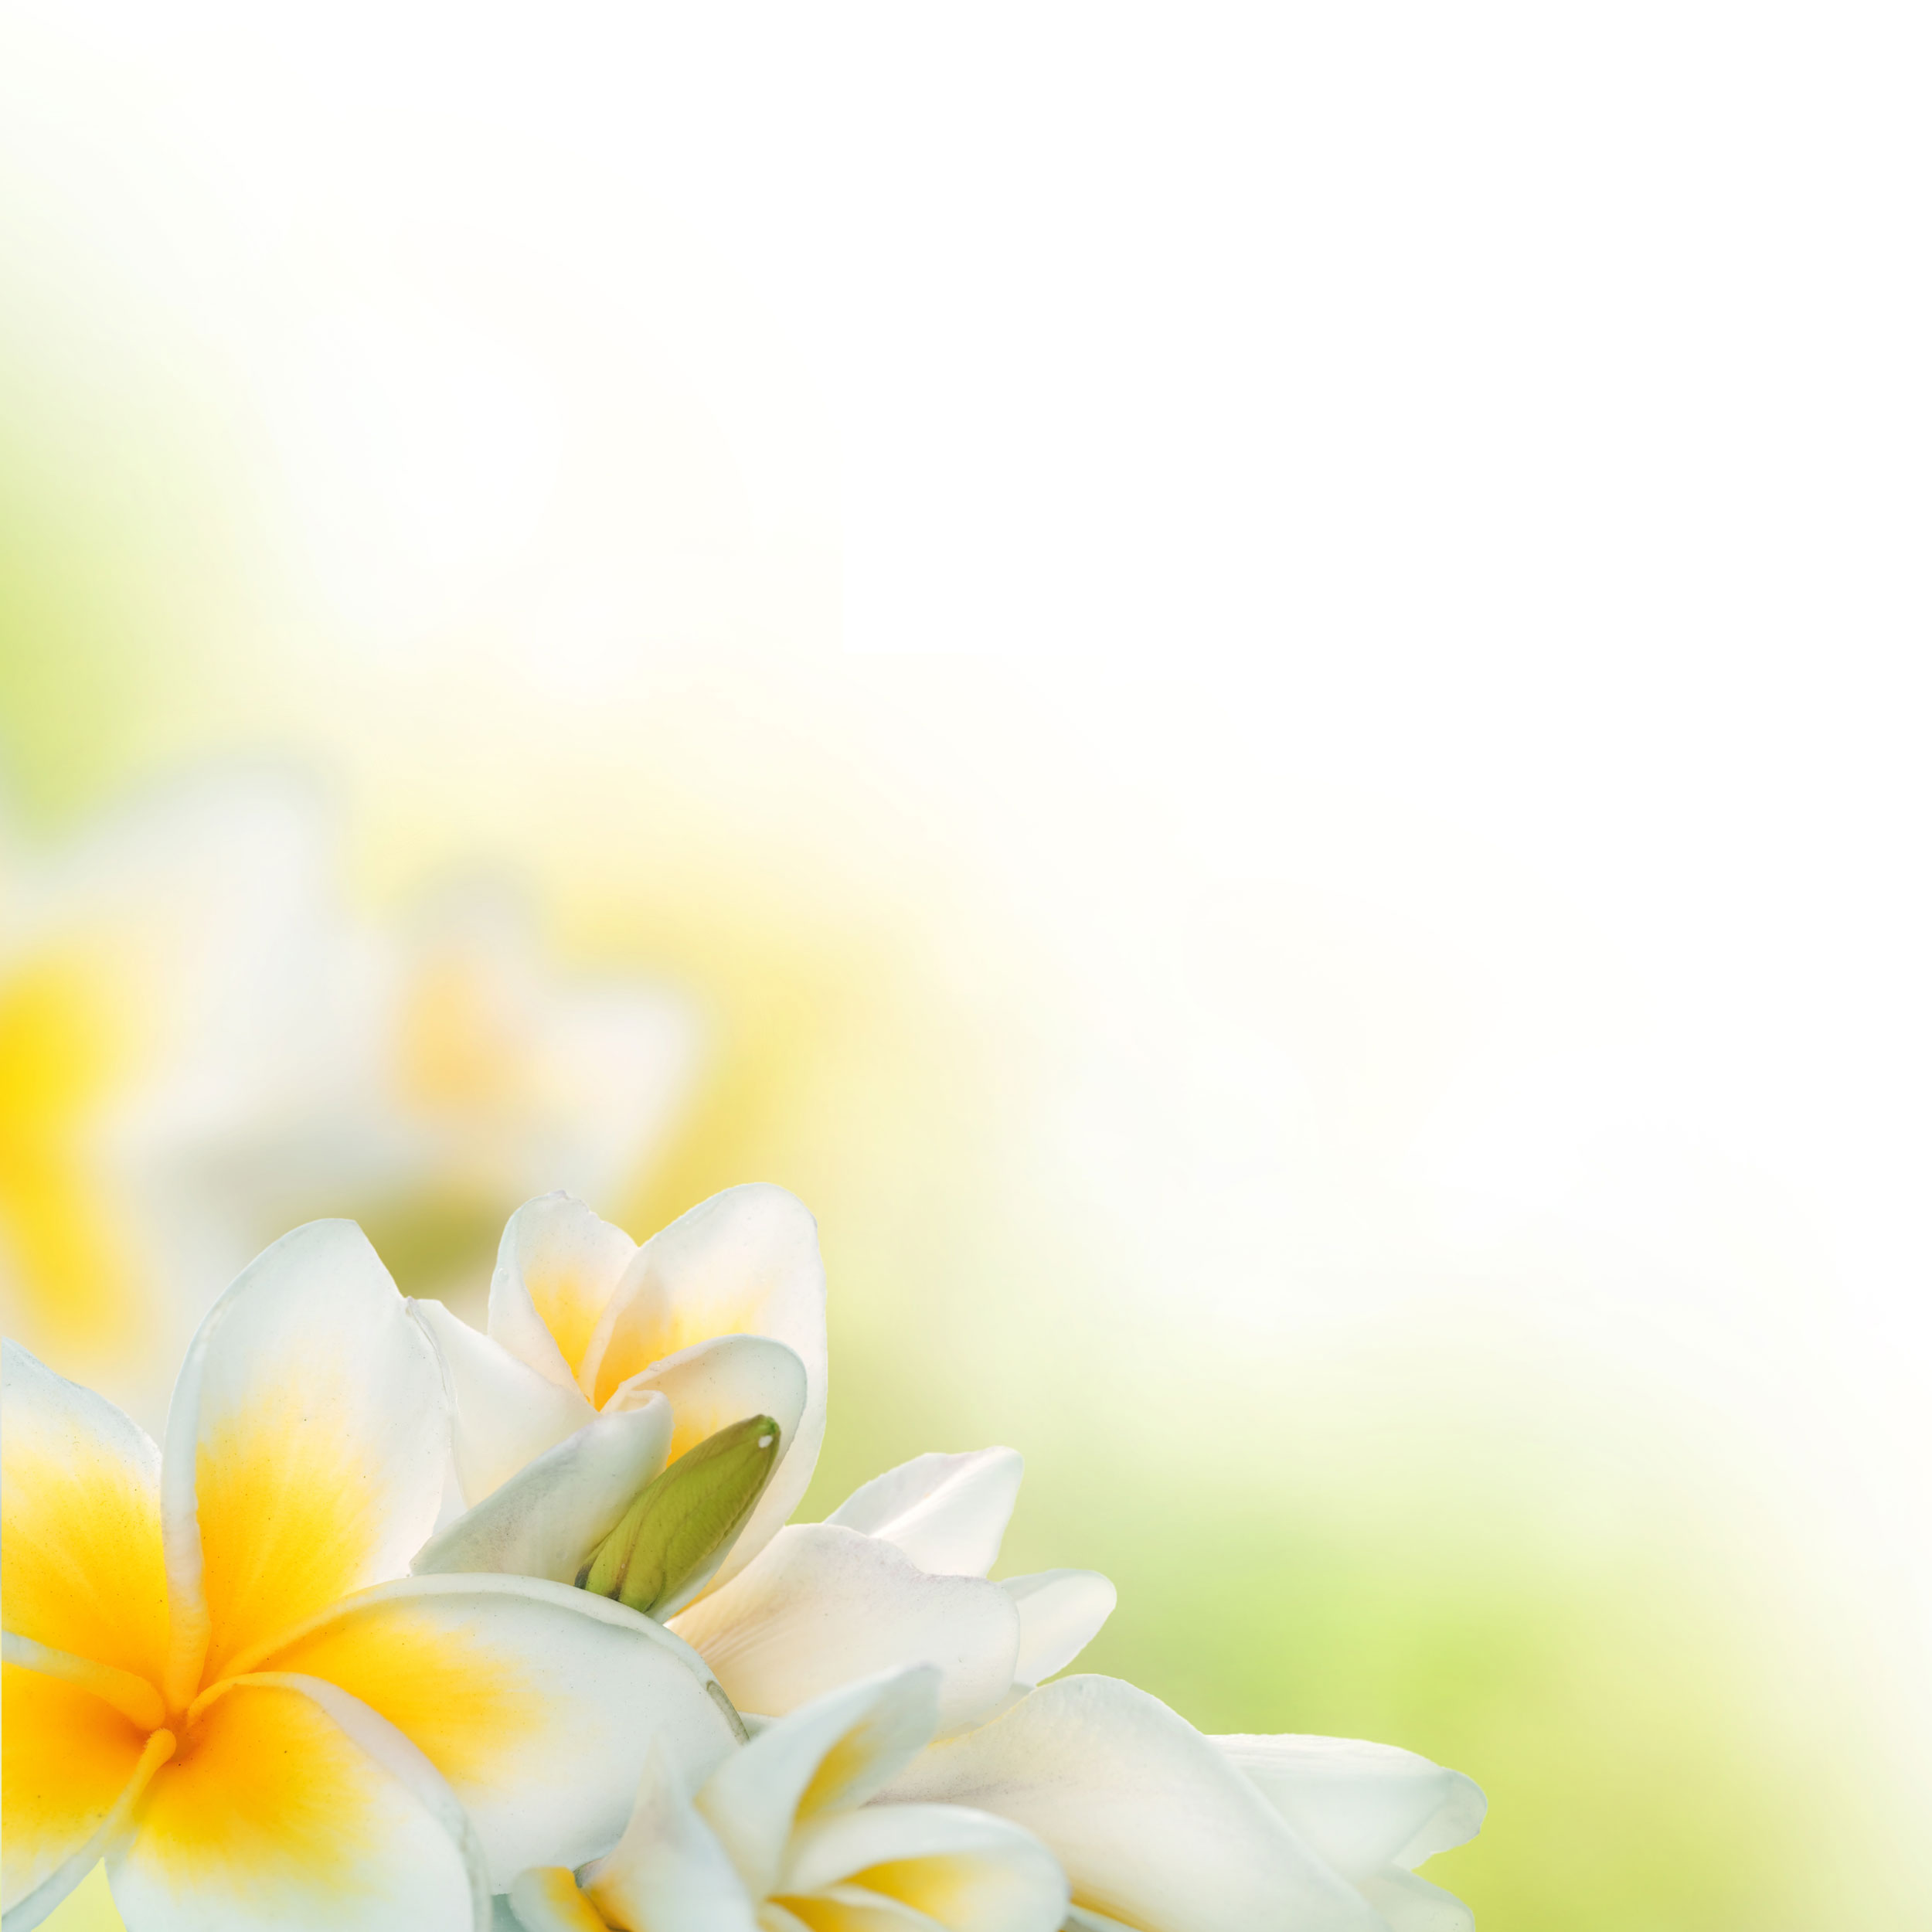 白いの花のイラスト・フリー素材/背景・壁紙no.426『白黄・プルメリア